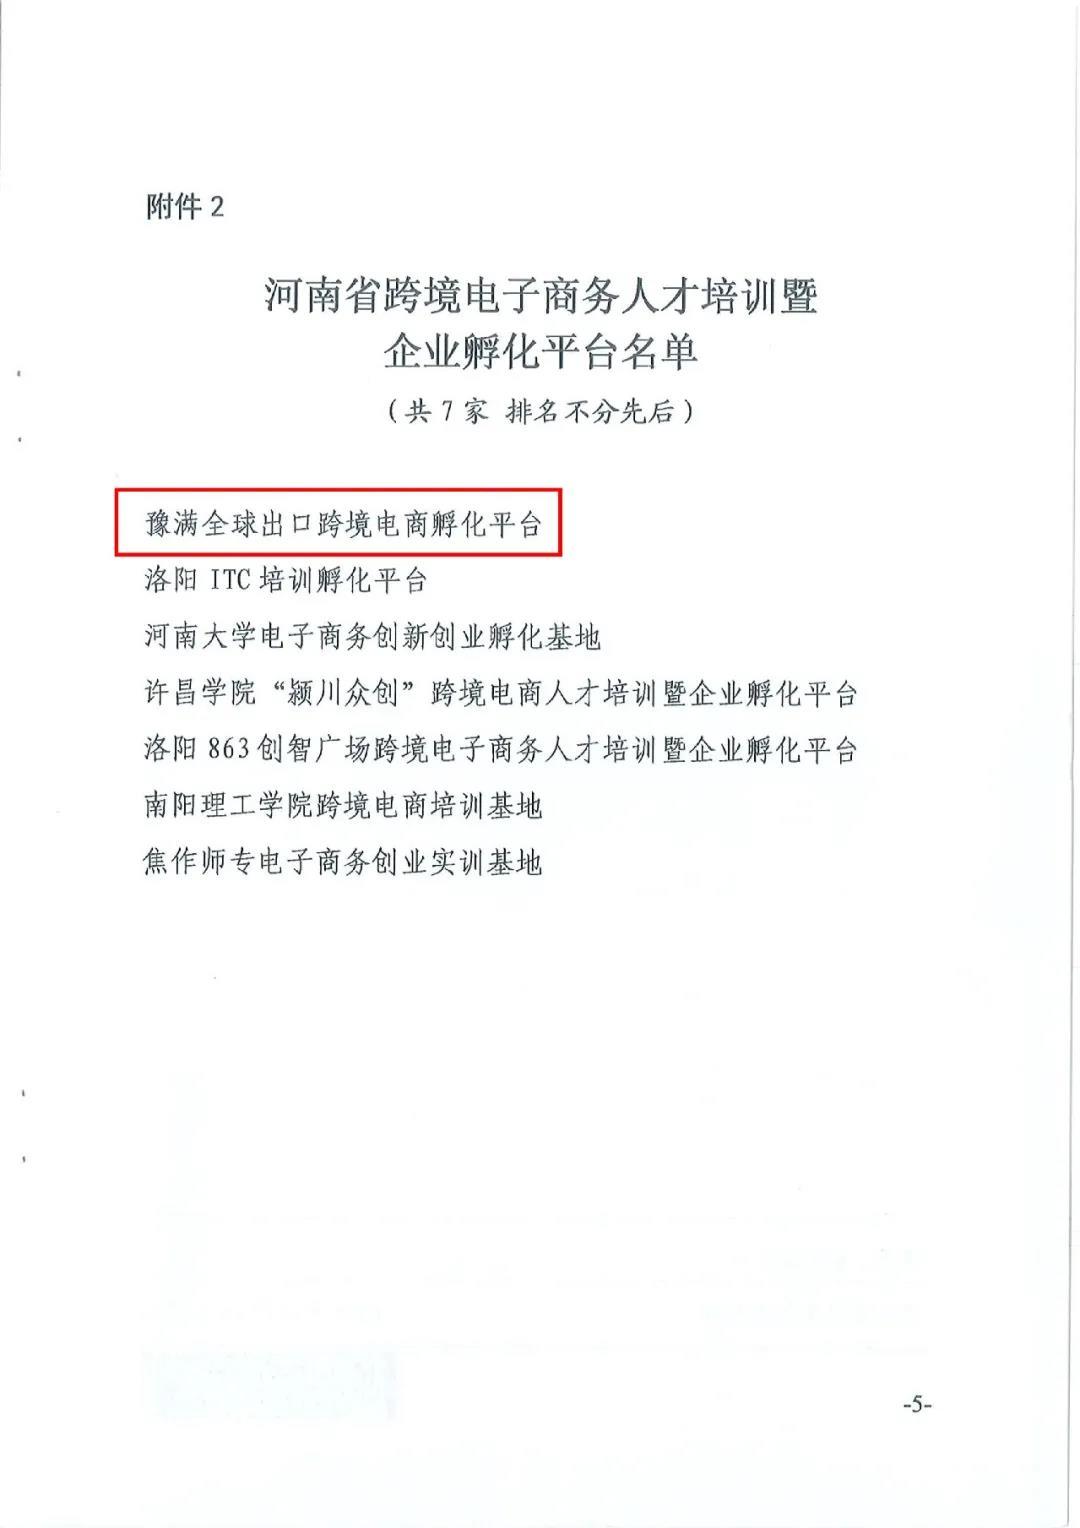 豫满全球获批河南省跨境电商人才培养暨企业孵化平台5